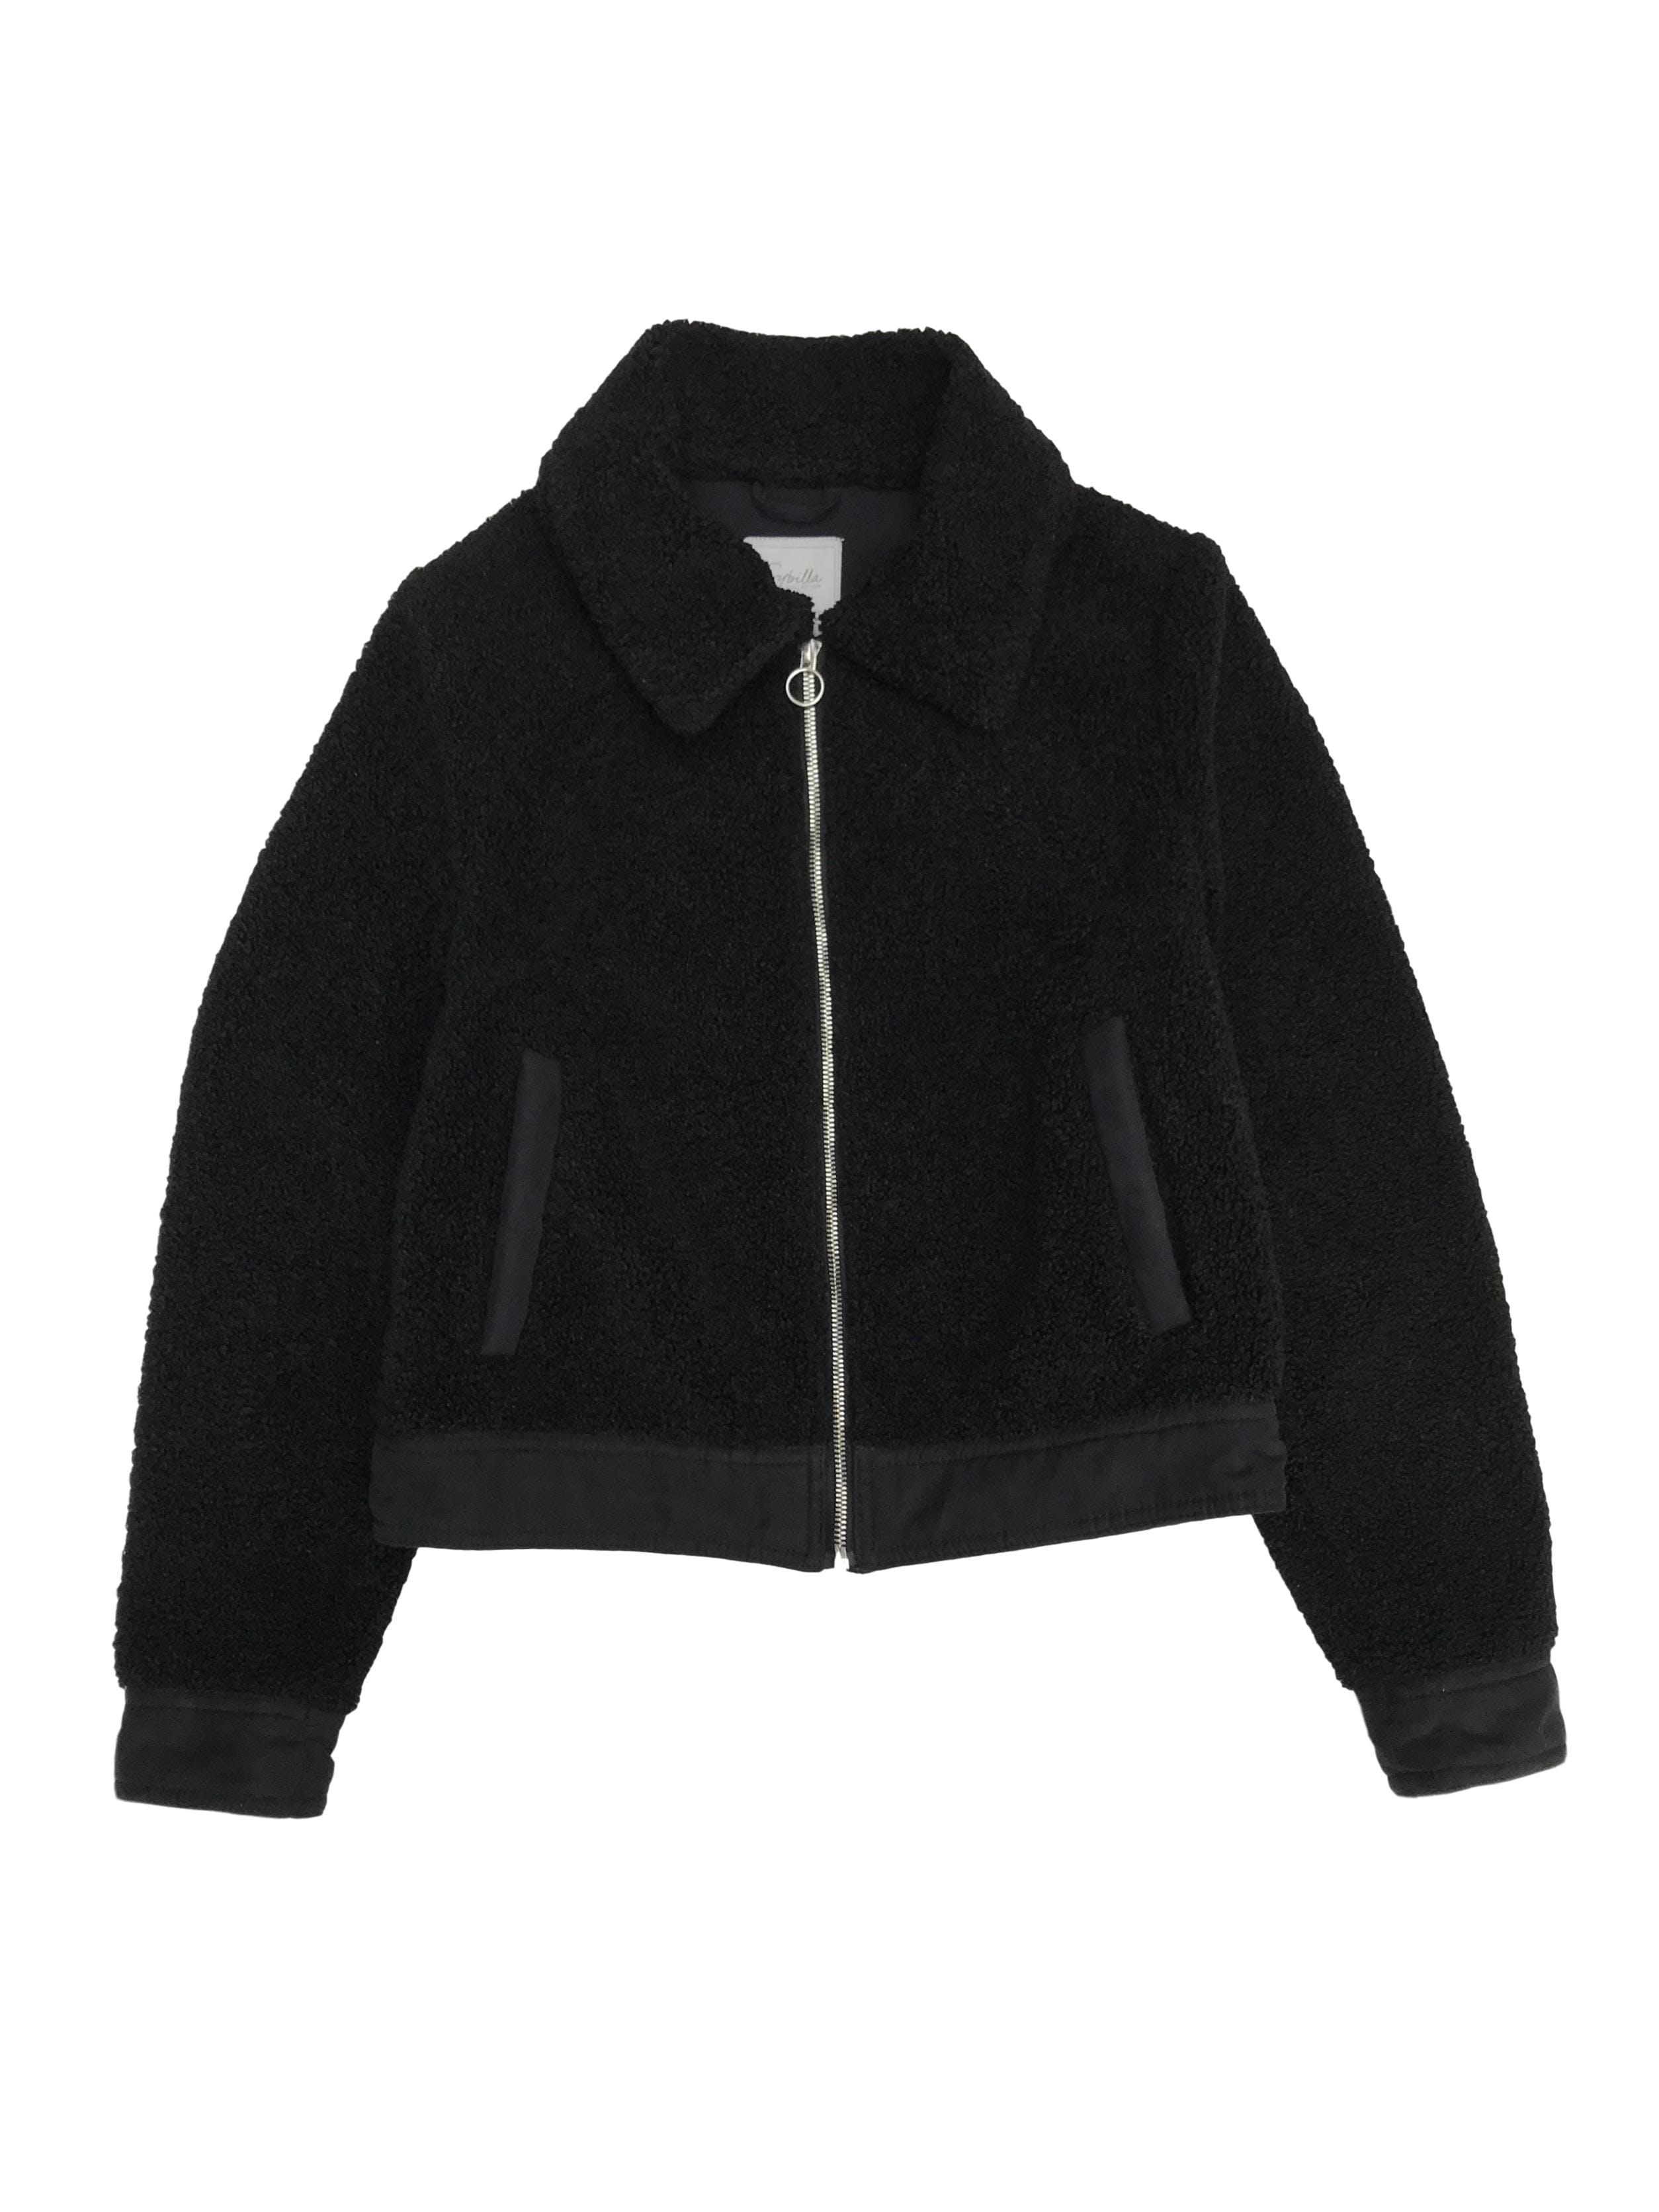 Casaca Sybilla borreguito negro con detalles tipo gamuza, cierre y bolsillos.